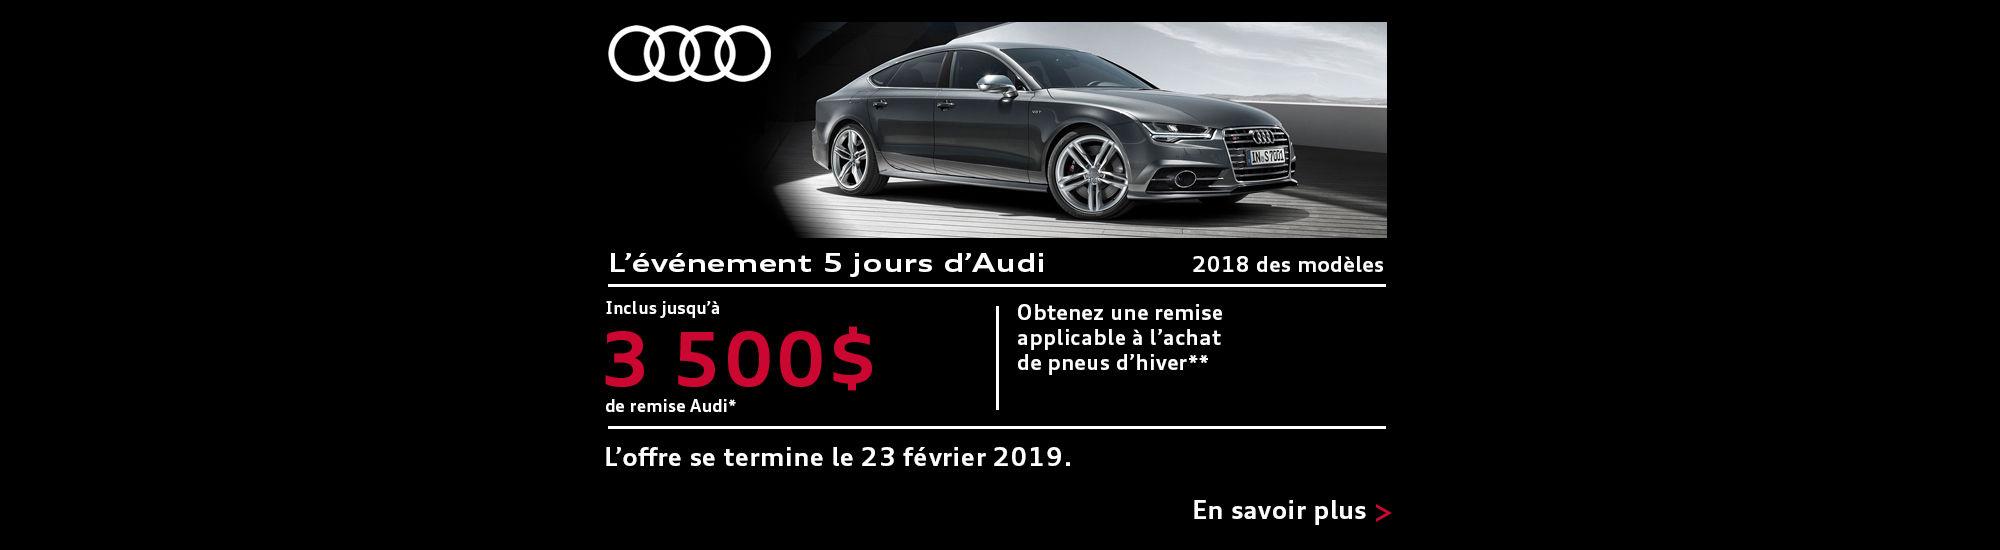 L'événement 5 jours d'Audi